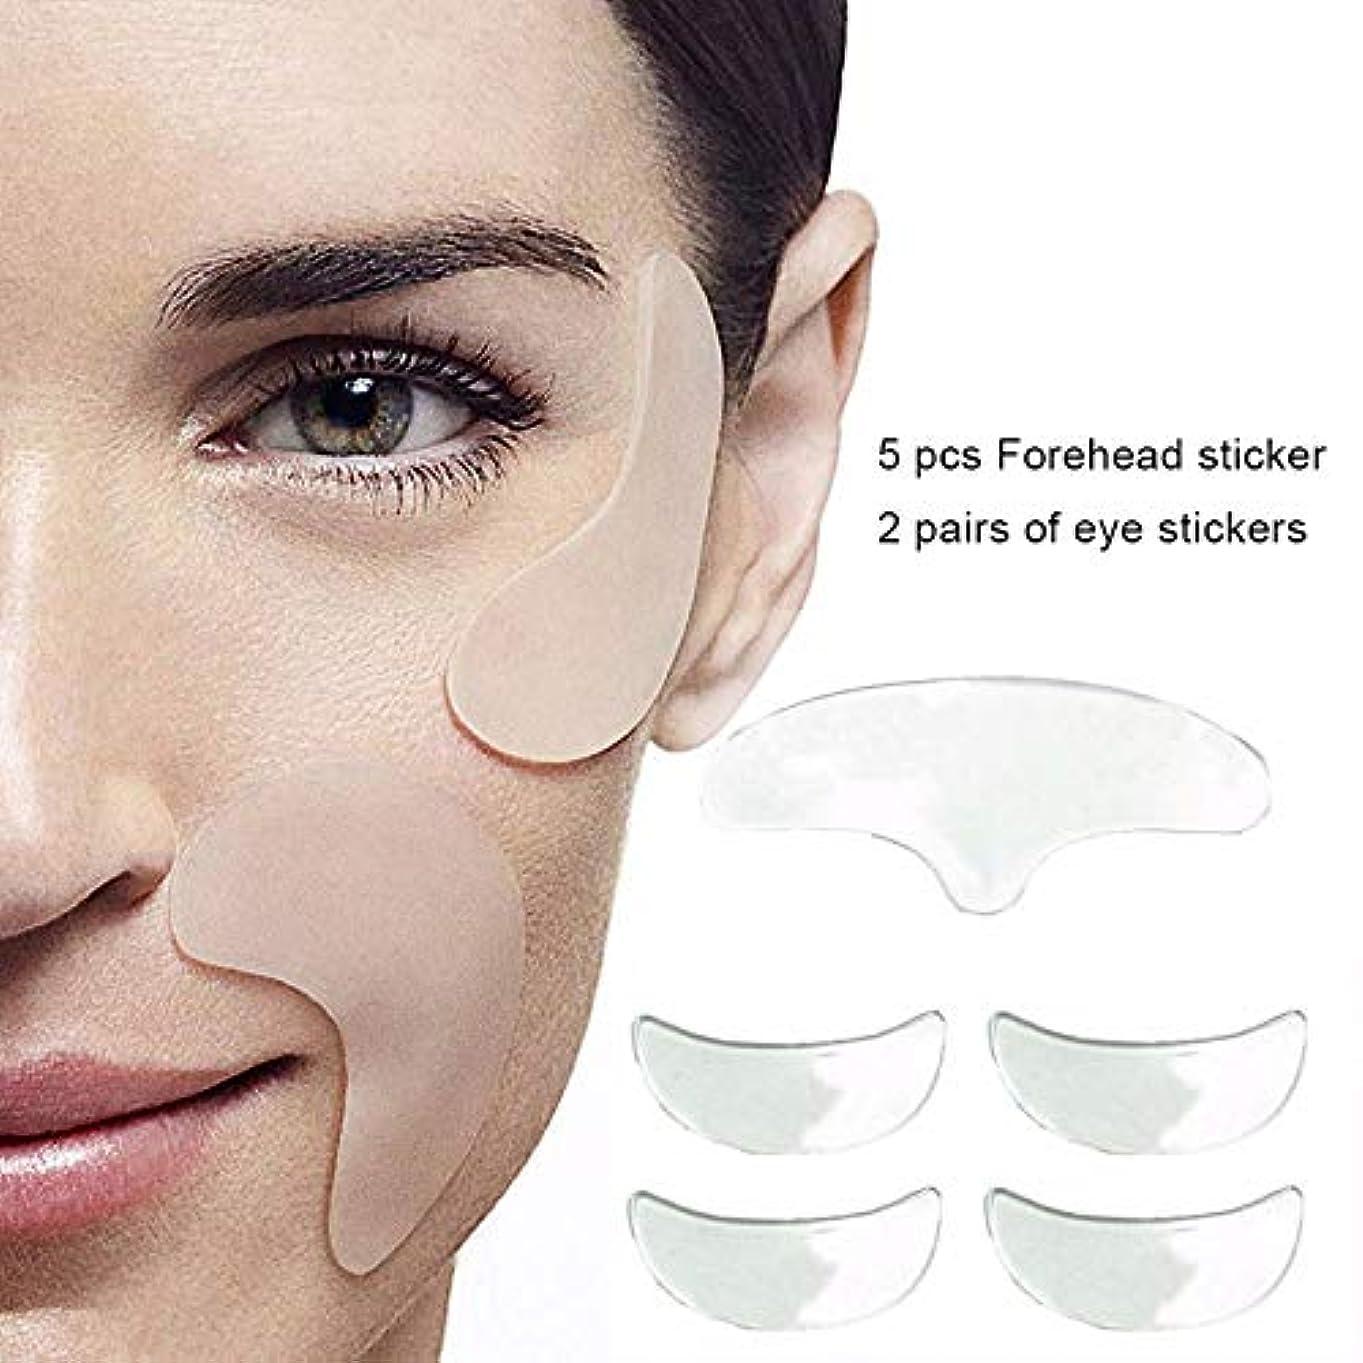 デンプシー地元算術Rabugoo 女性のアンチリンクルアイフェイスパッド再使用可能なシリコーンインビジブルフェイスパッドアンチエイジング防止顔のしわ